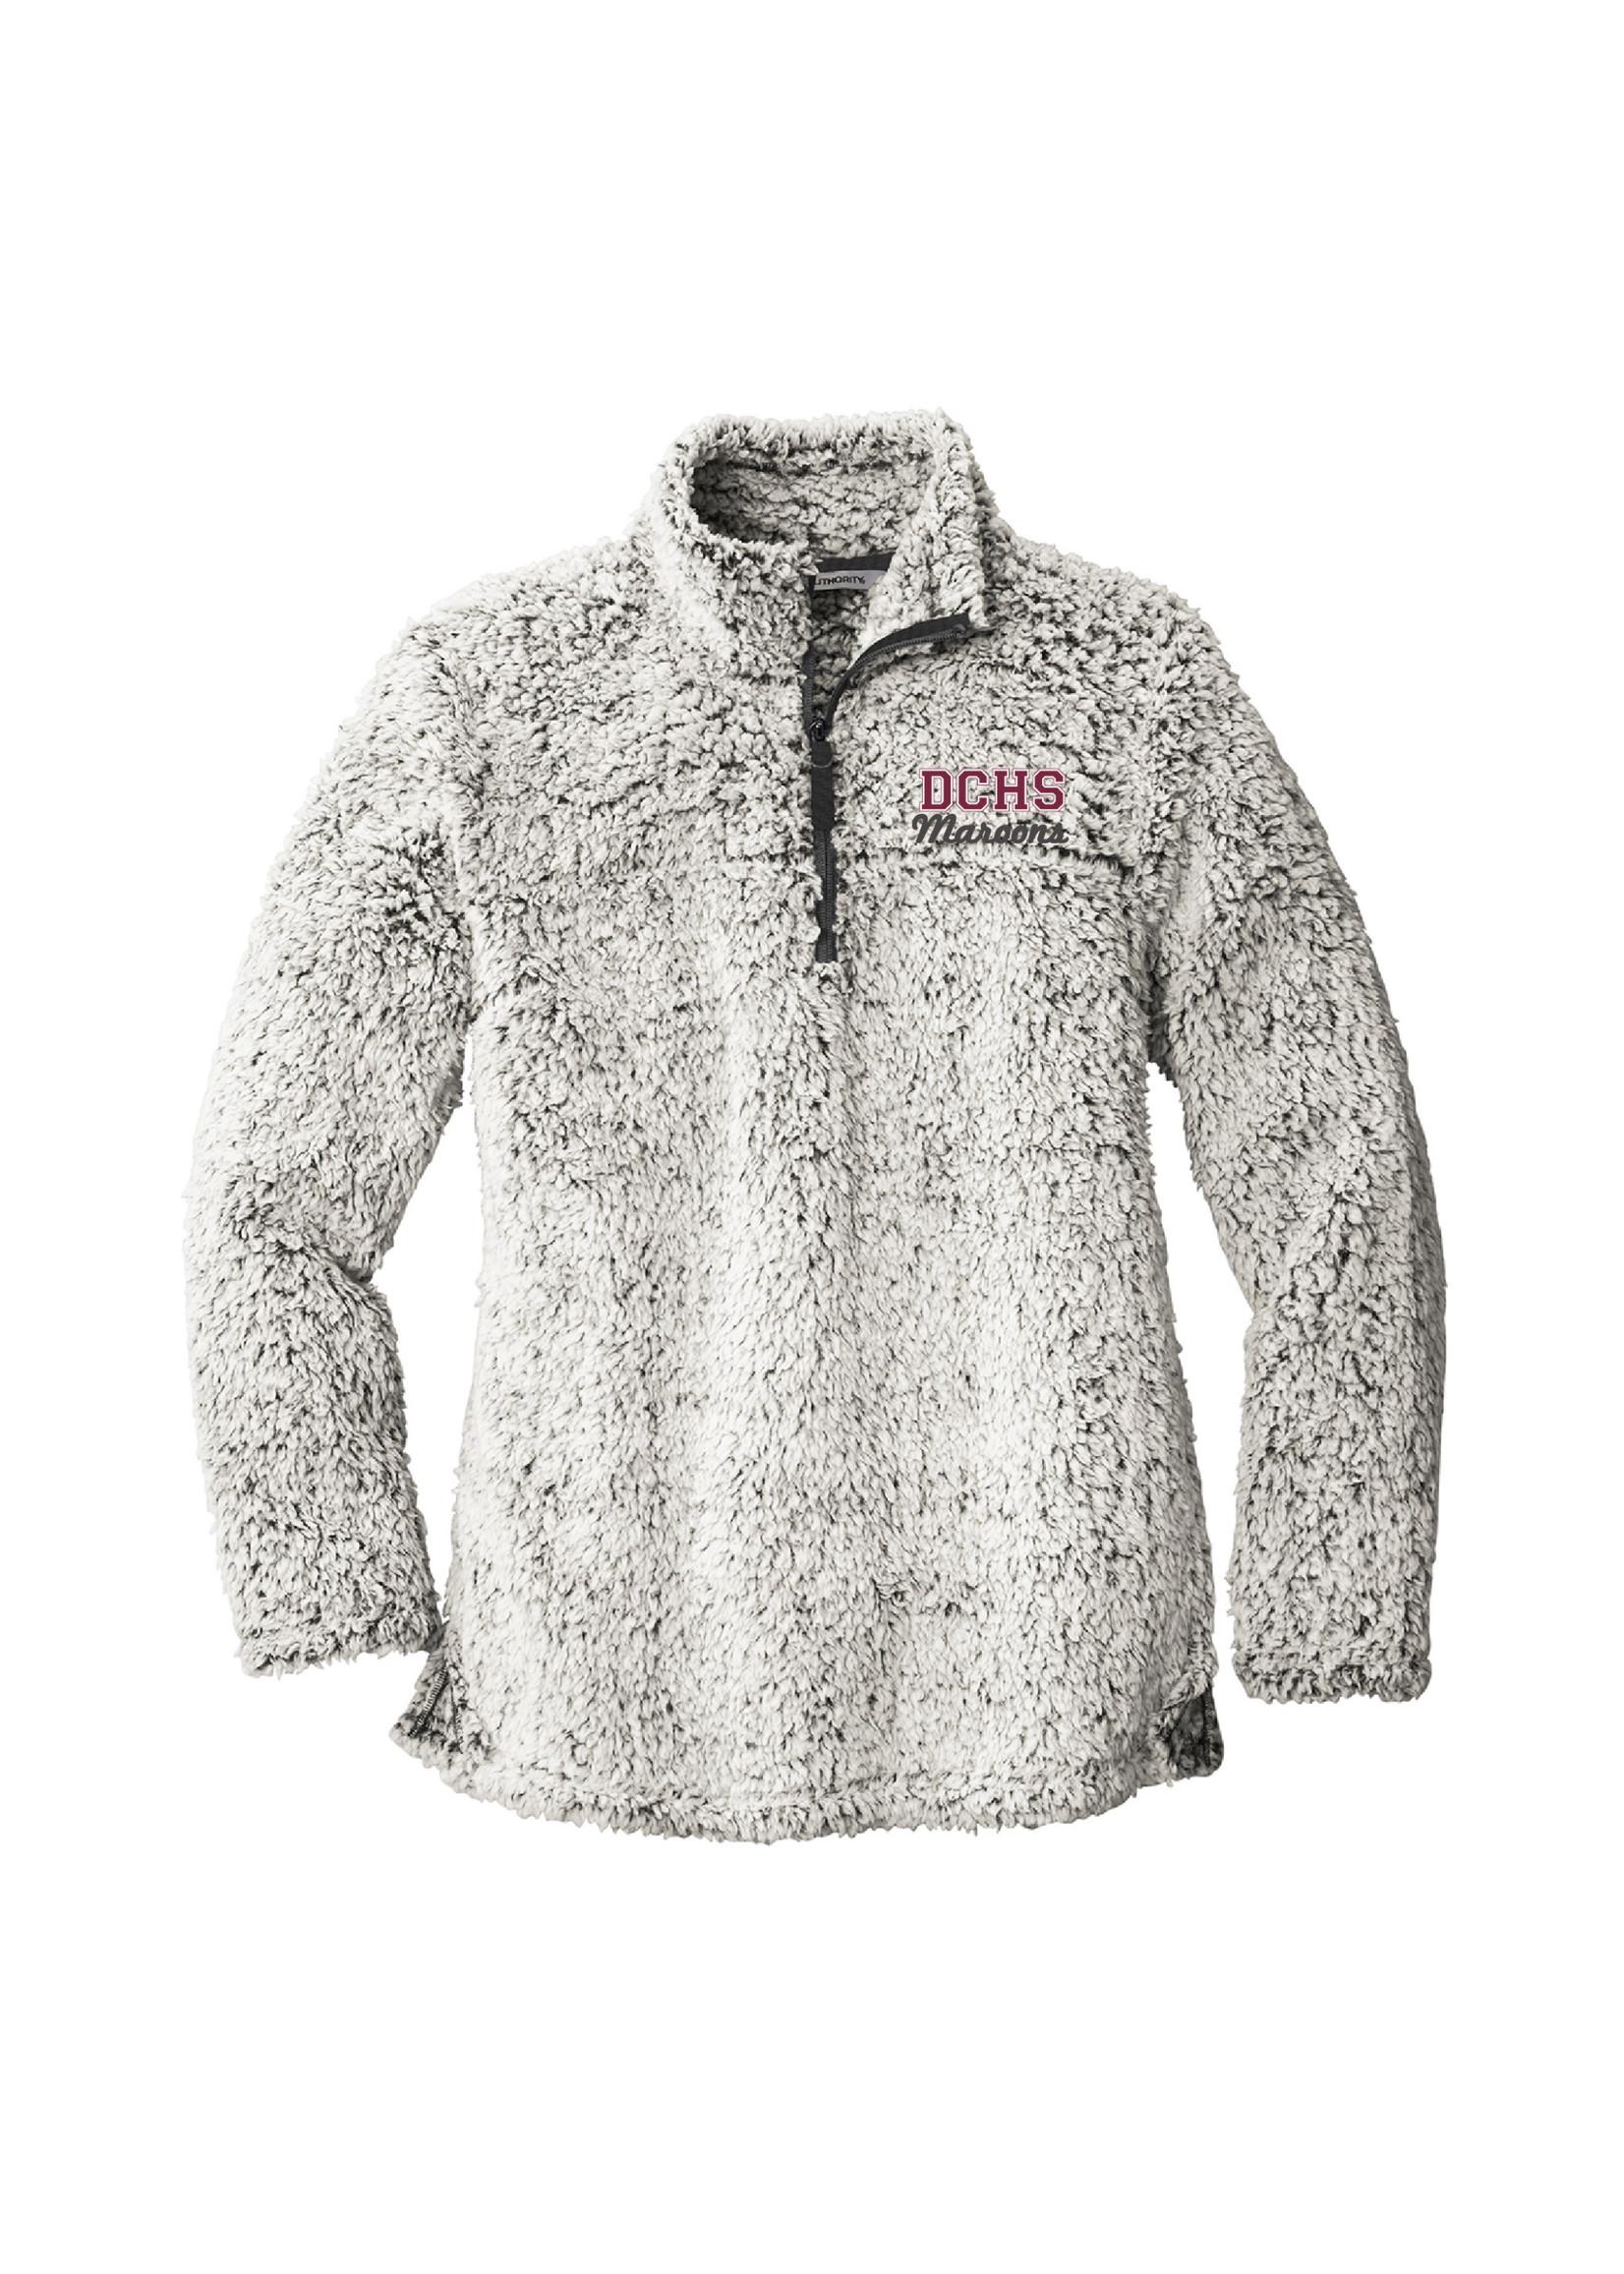 Port & Co. Ladies Cozy 1/4 Zip Fleece